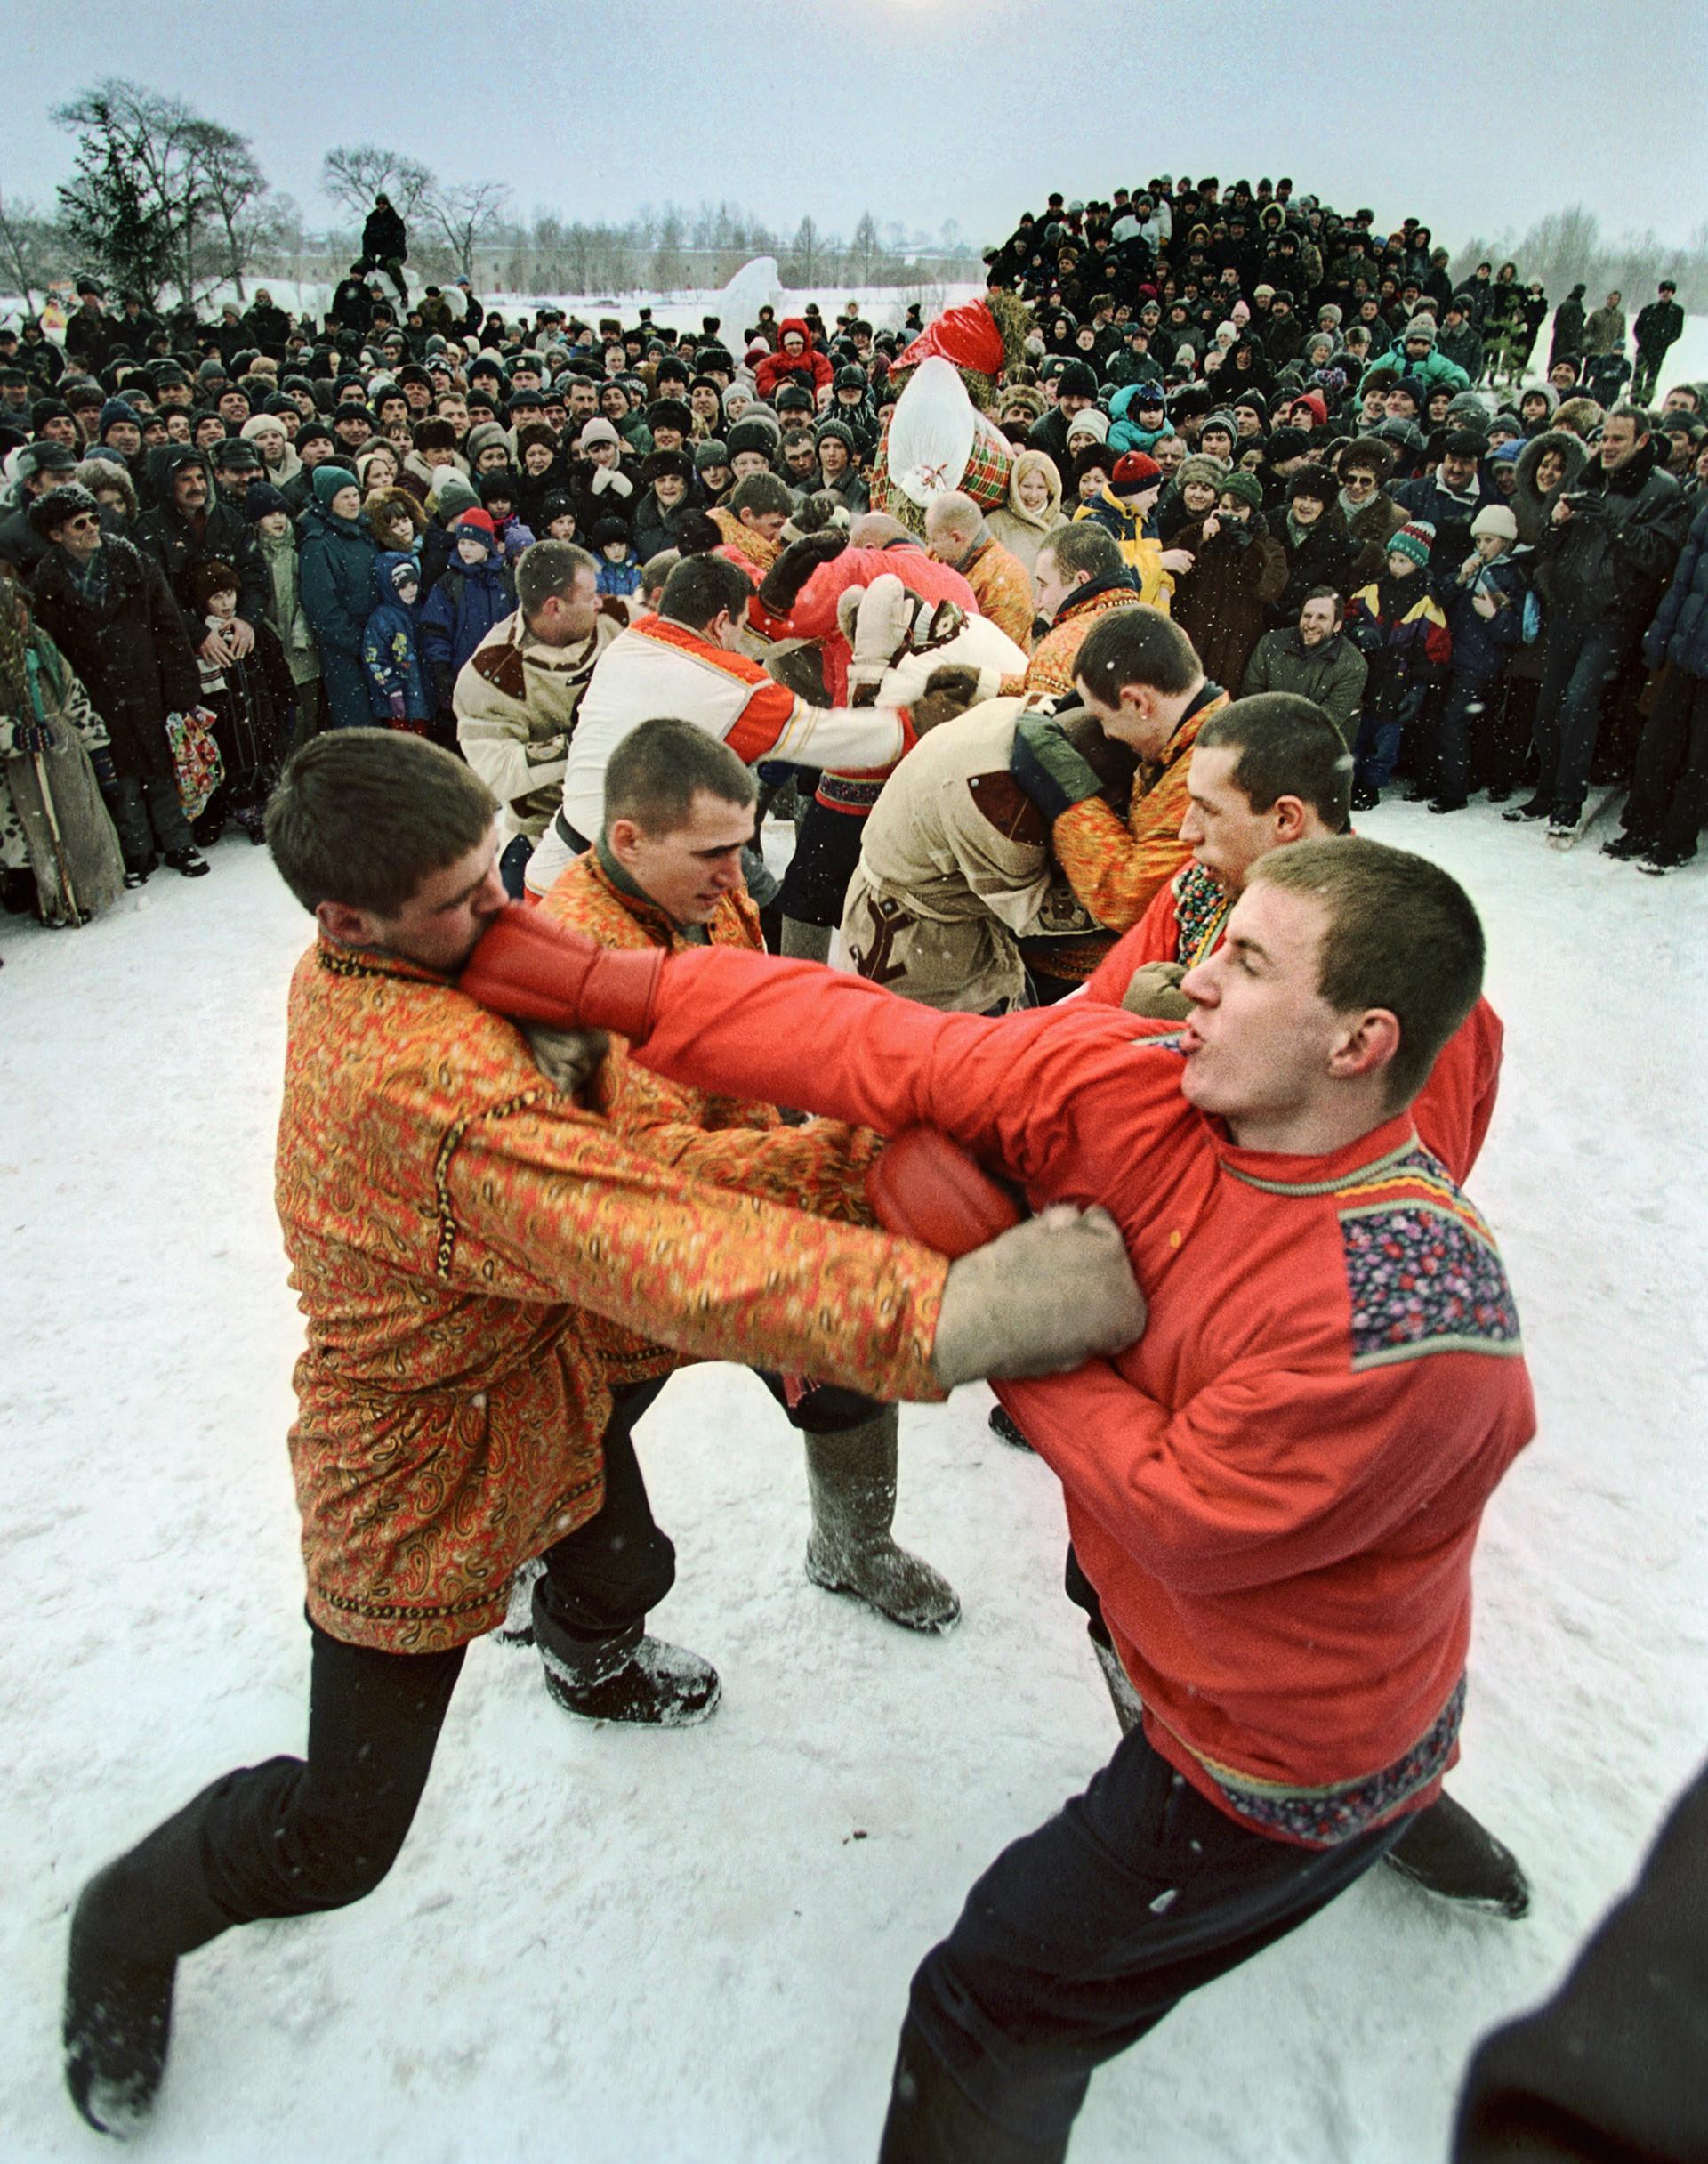 Традиционална битка за време на празник во Суздаљ.